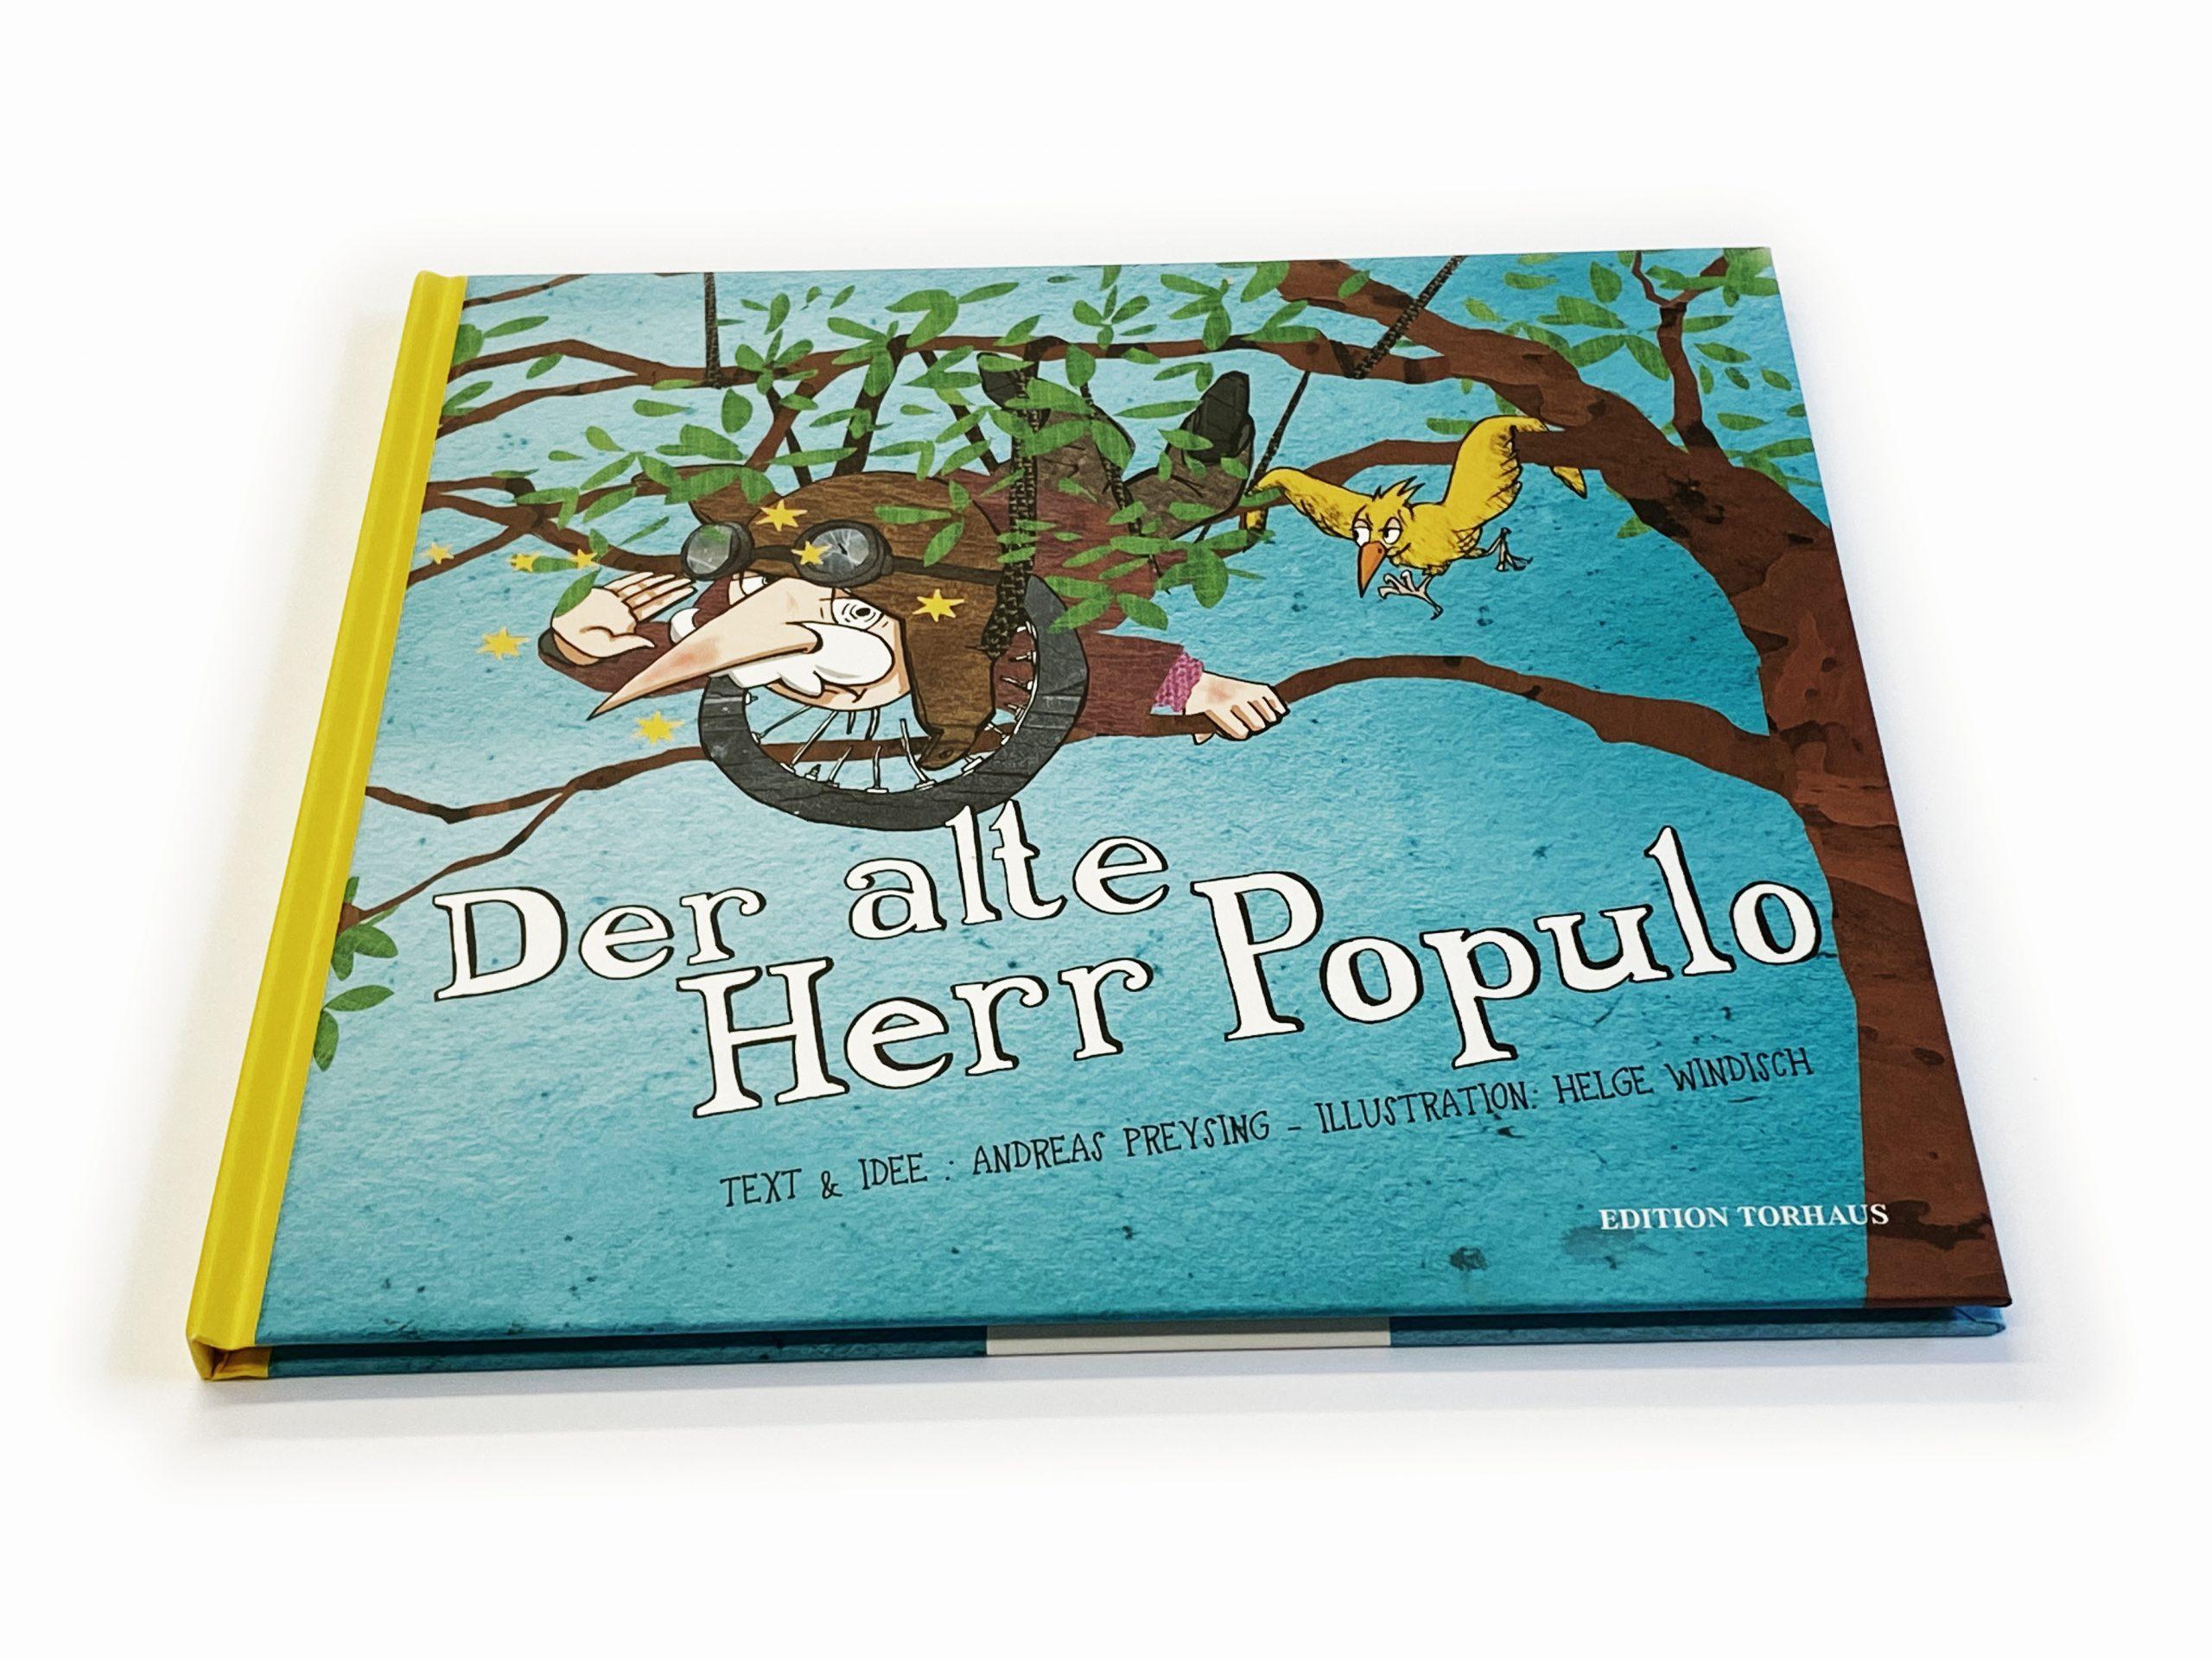 der_alte_herr_populo_andreas_preysing__Book_01